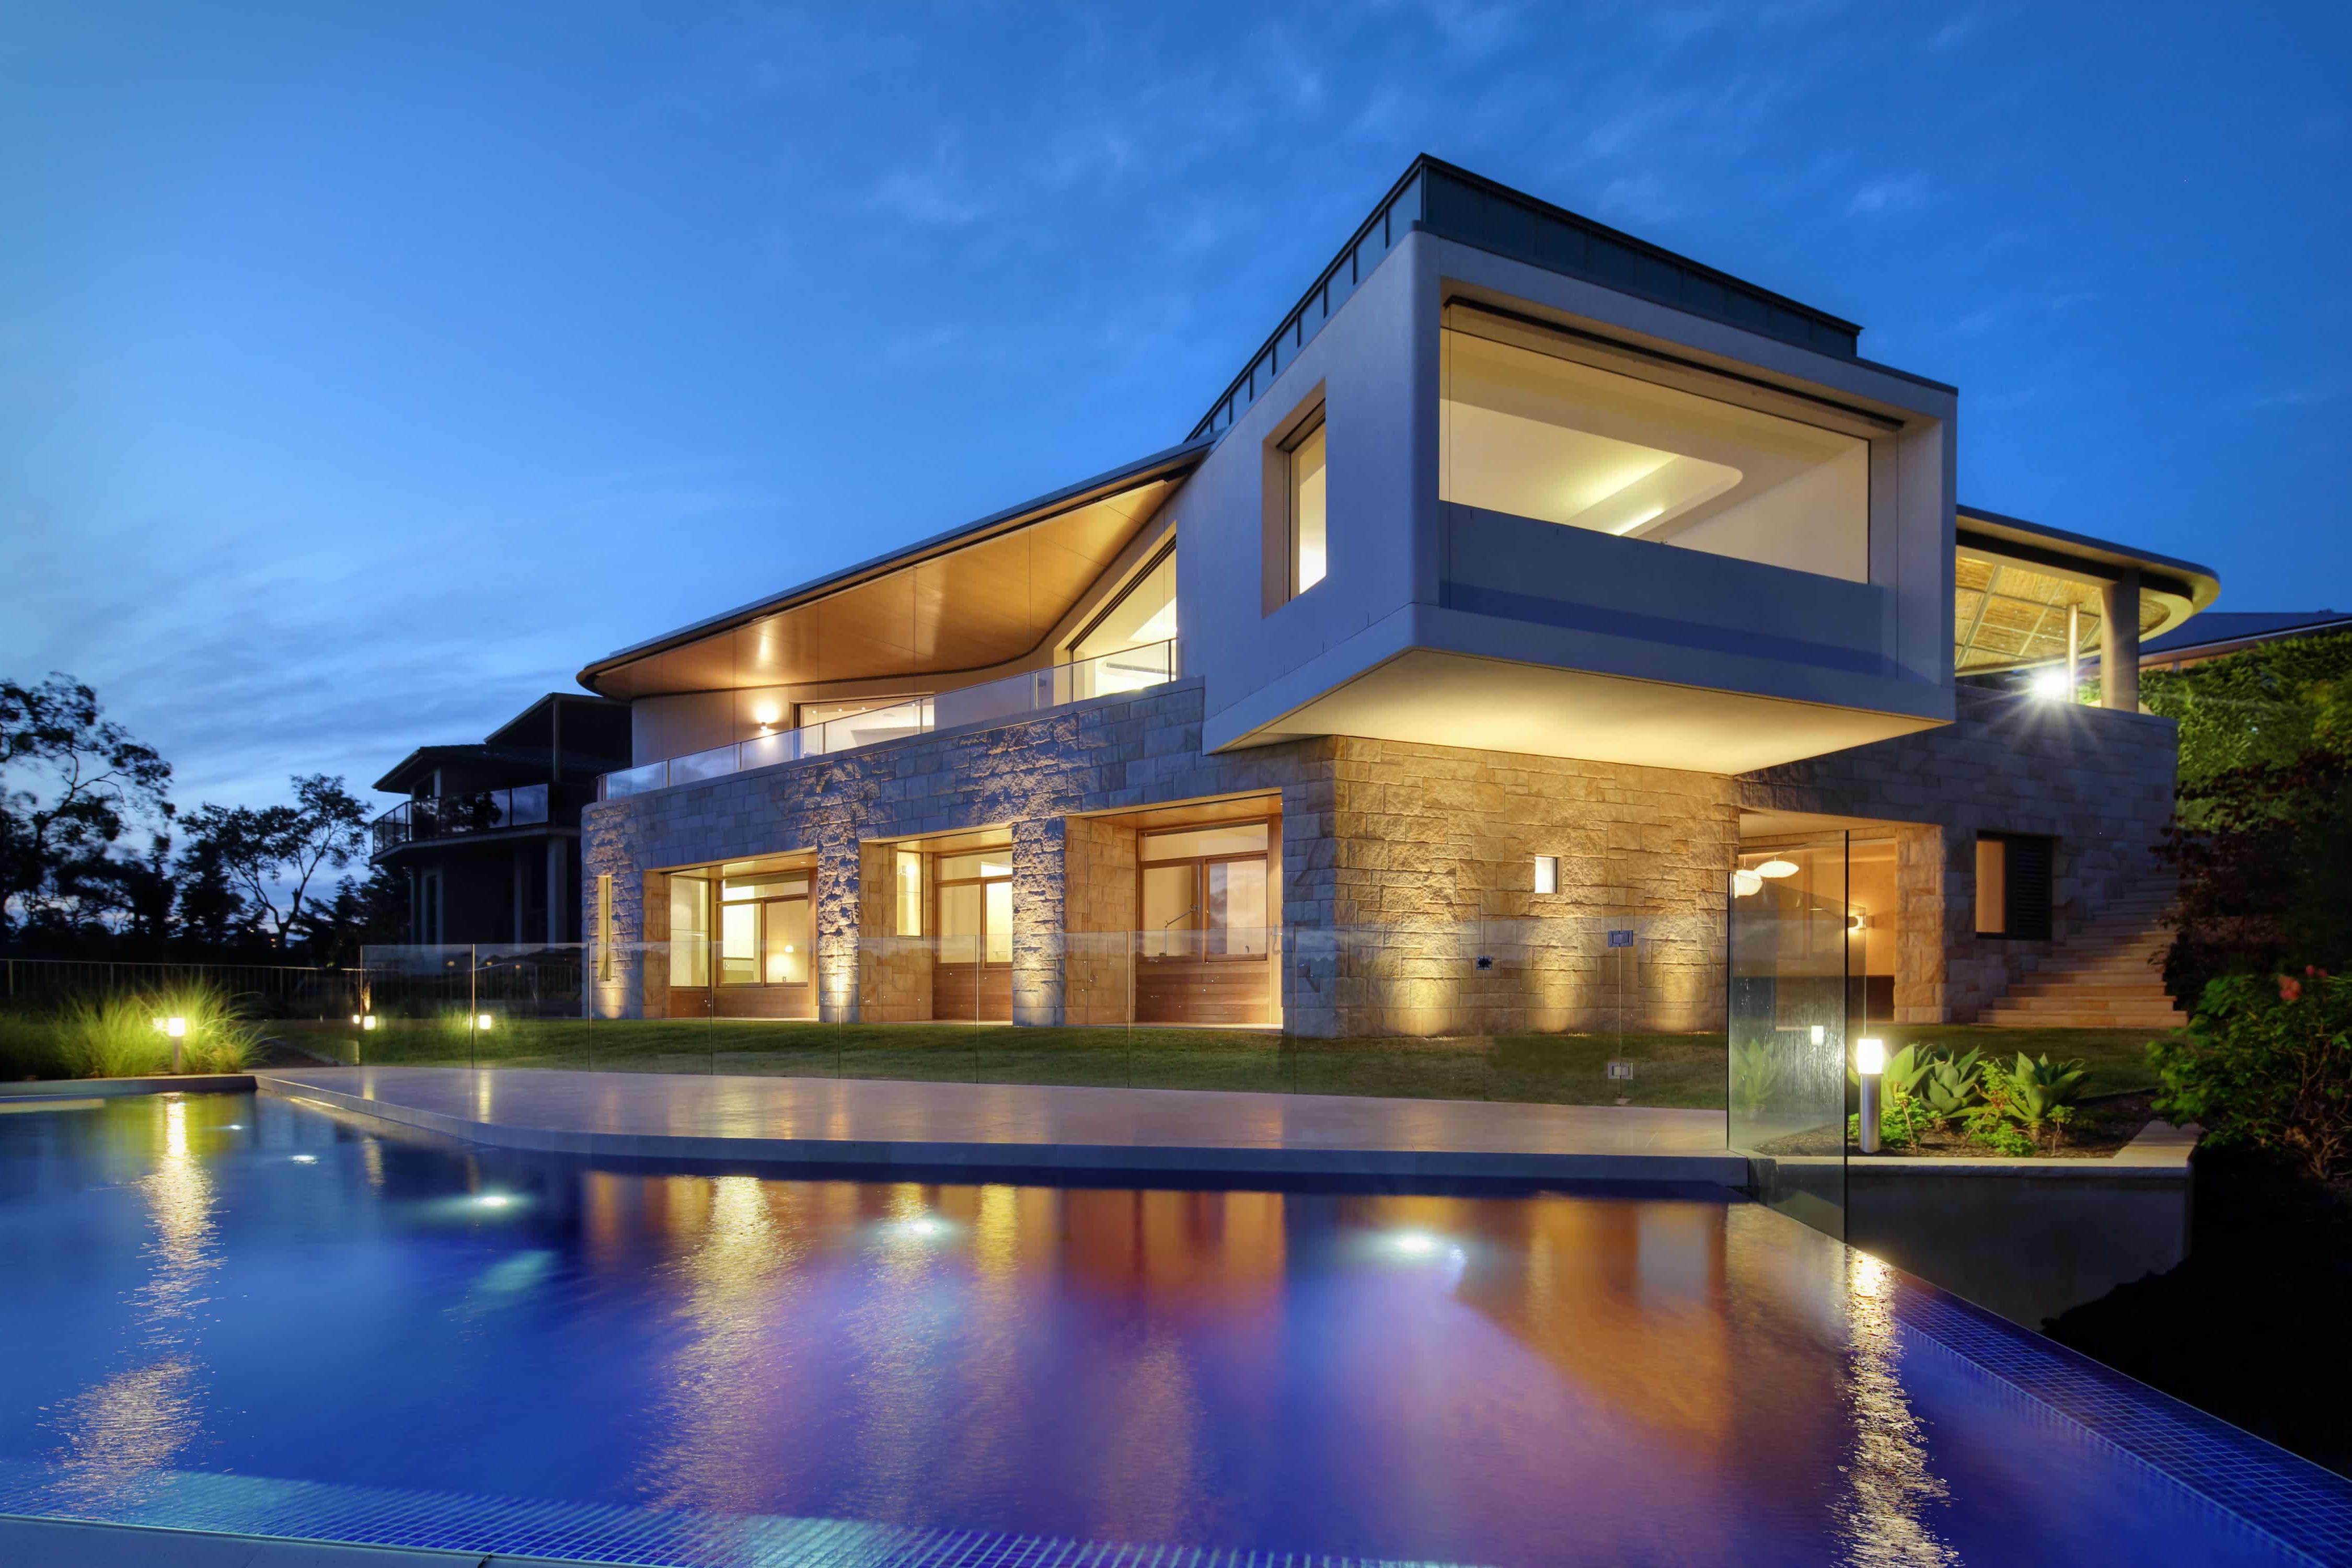 Maison de style contemporain avec façade en pierre